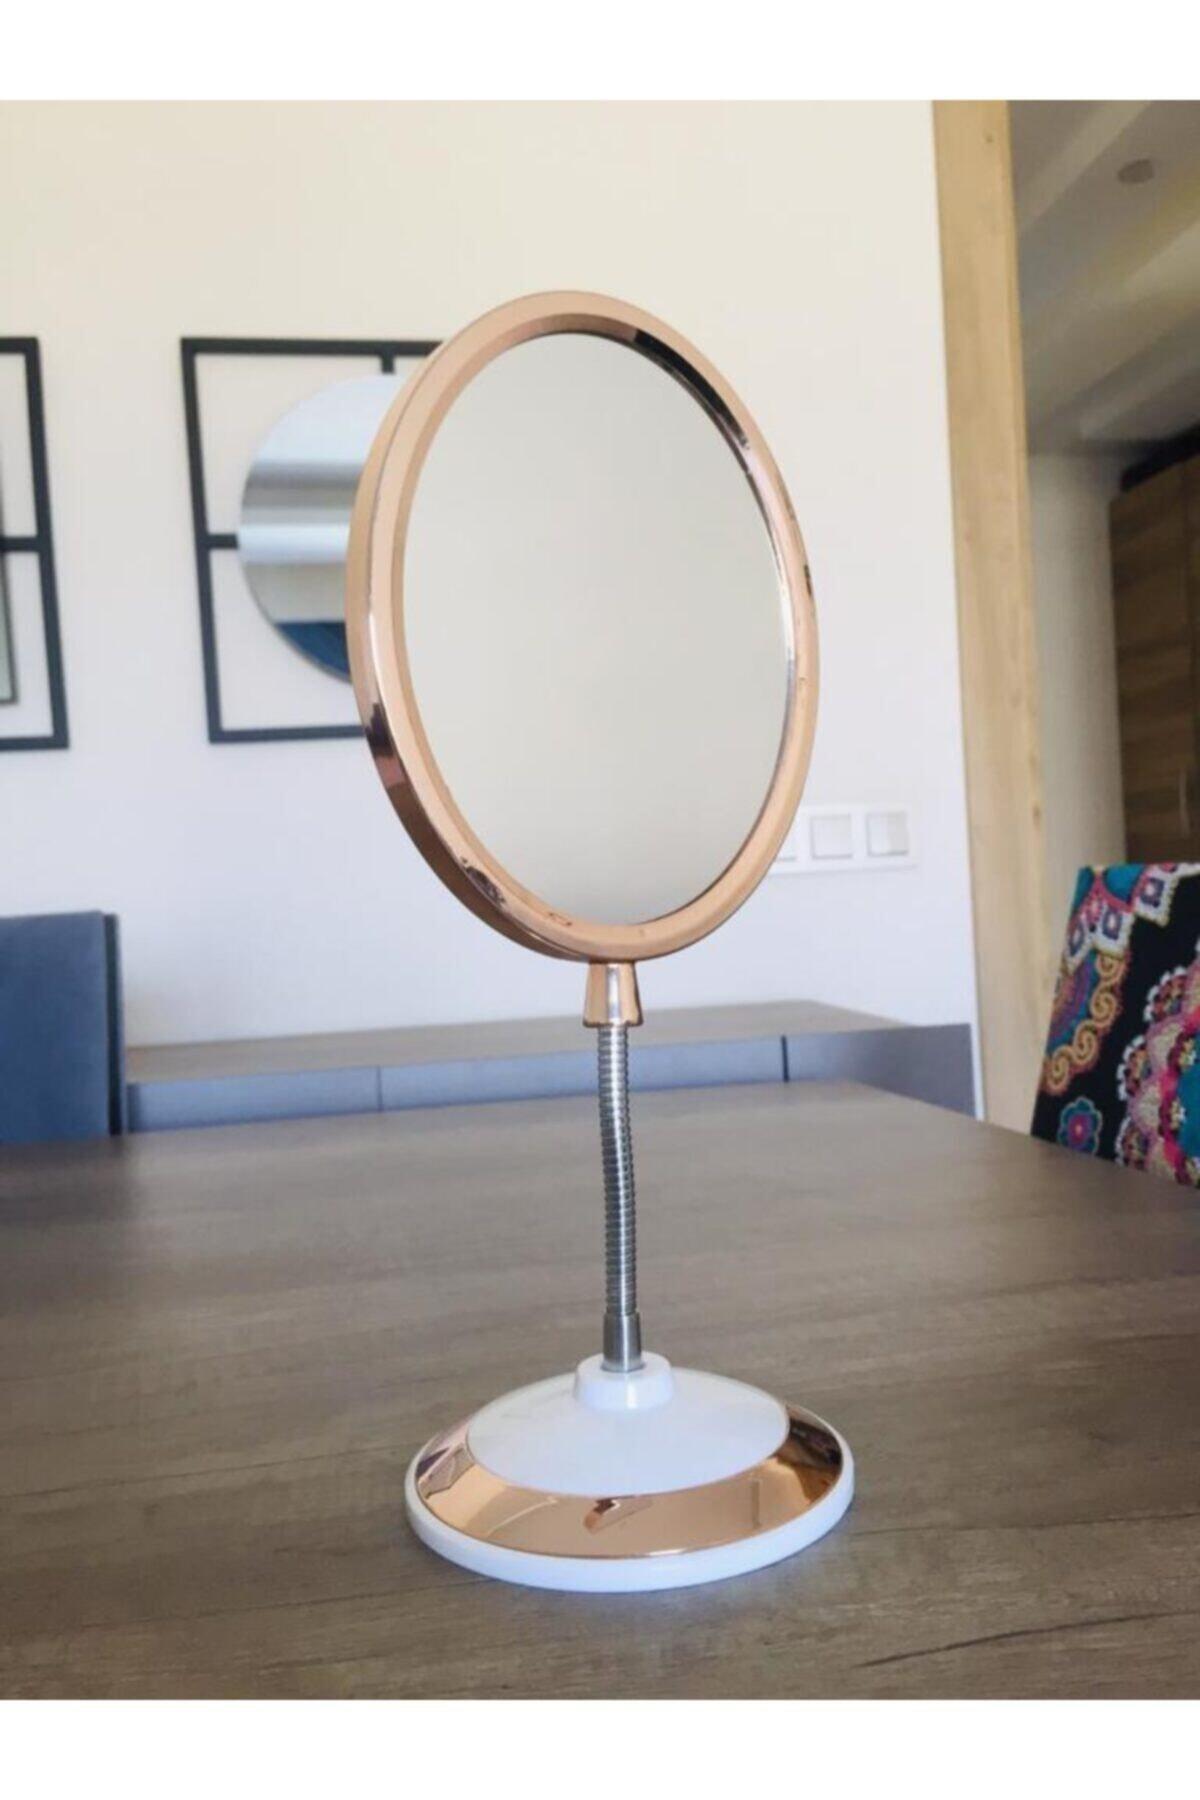 SUME Çift Taraflı 360 Derece Eğilebilir Büyüteçli Makyaj Aynası 2